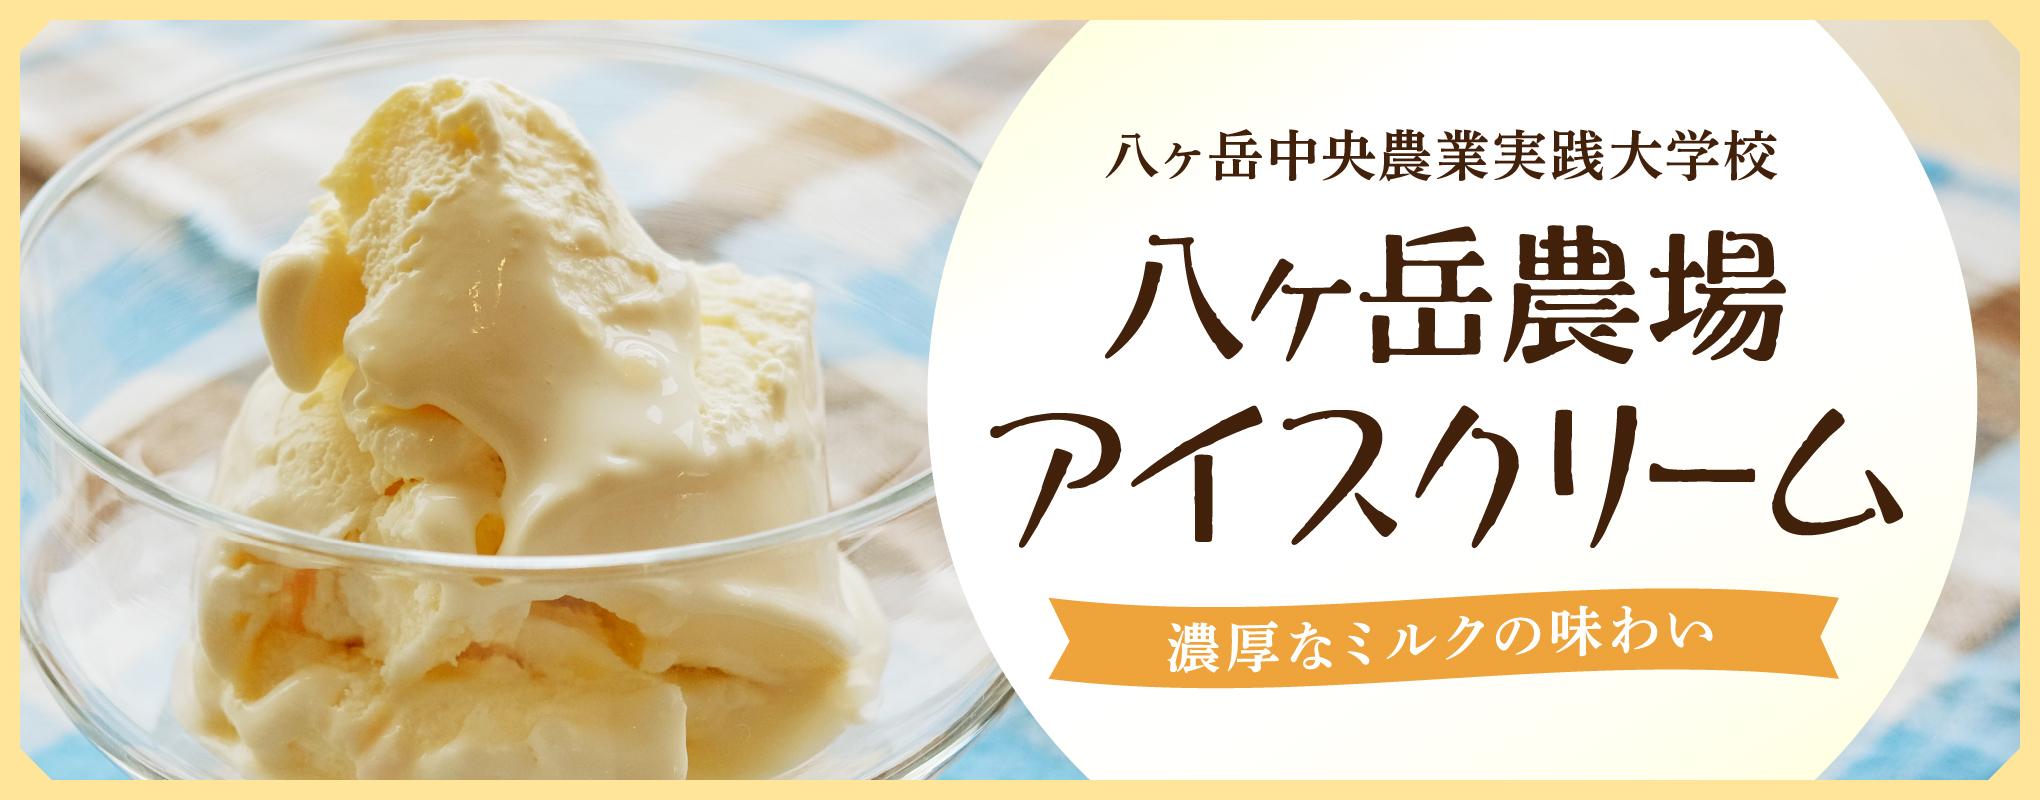 実践大アイスクリーム